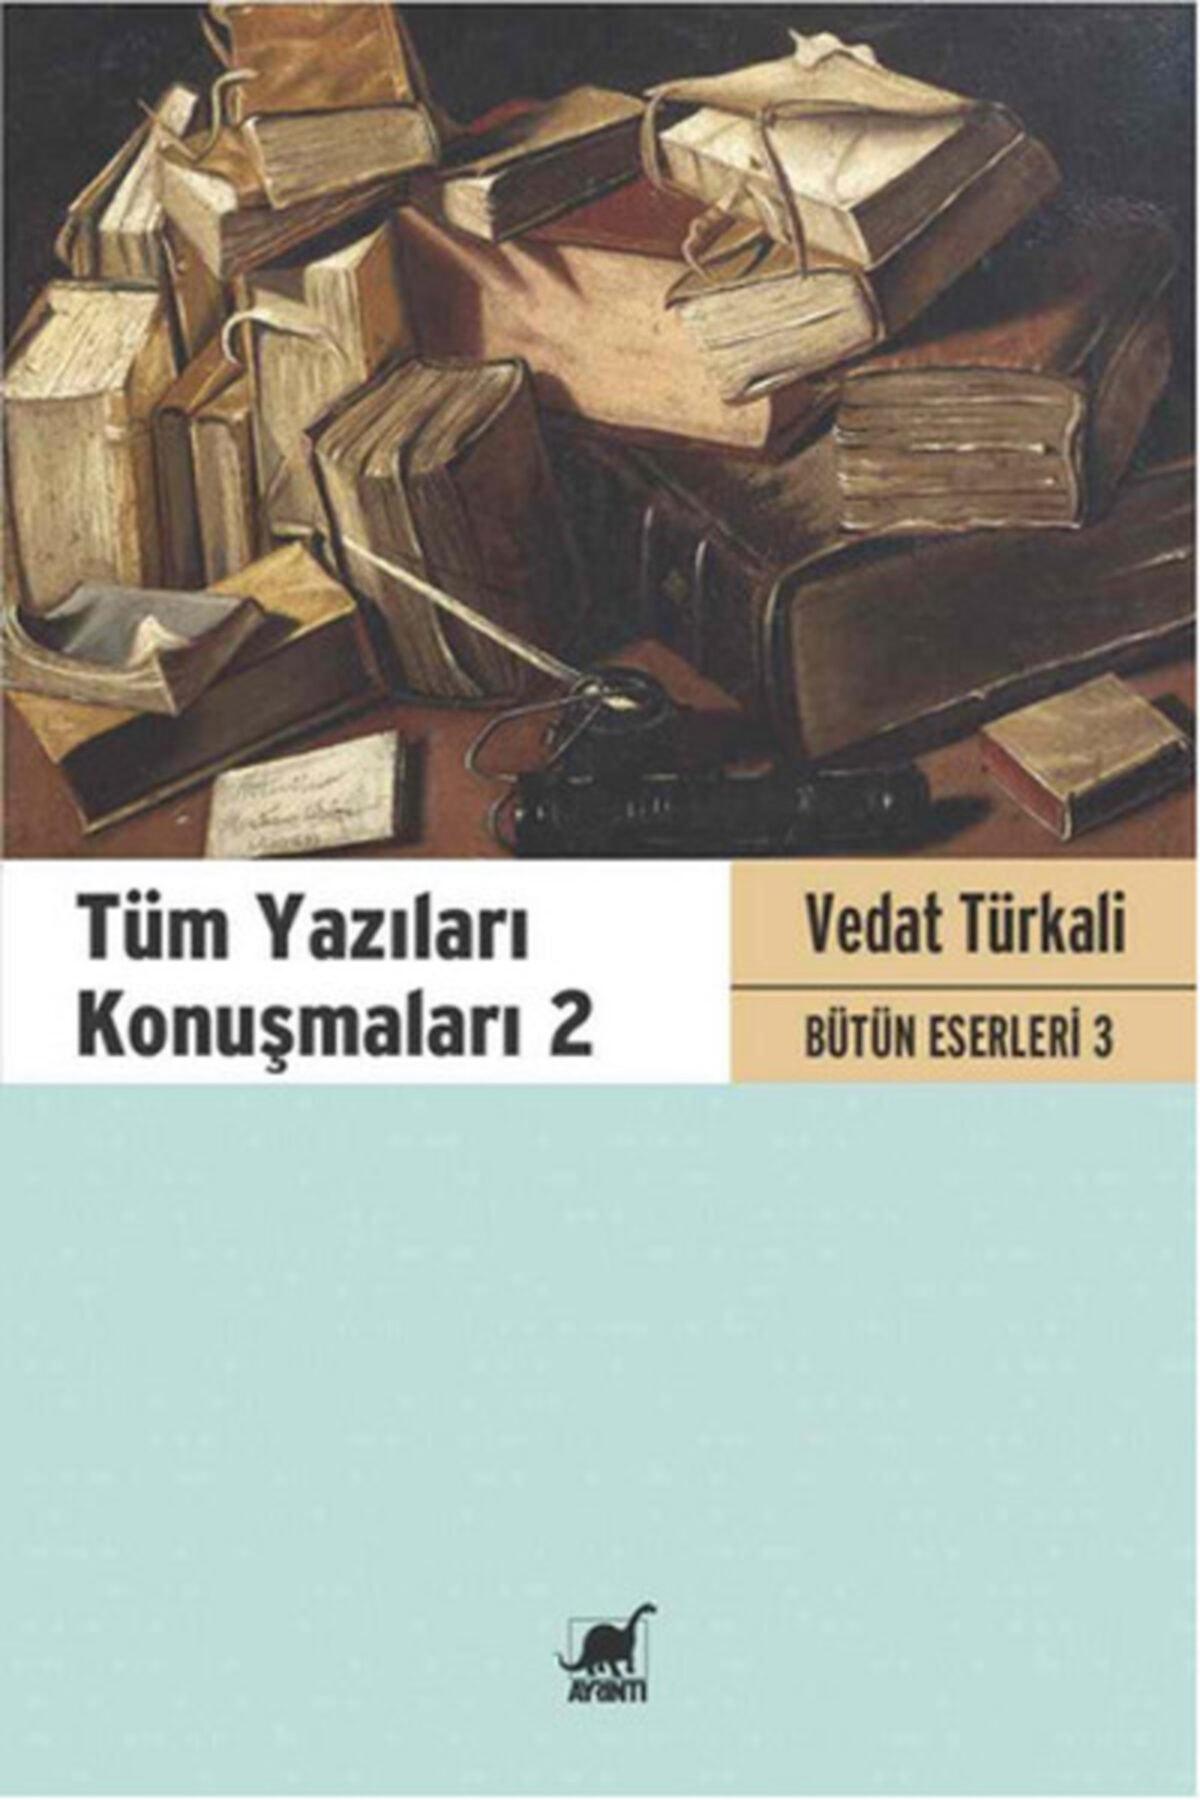 Ayrıntı Yayınları Tüm Yazıları Konuşmaları 2 Vedat Türkali Bütün Eserleri 3 1